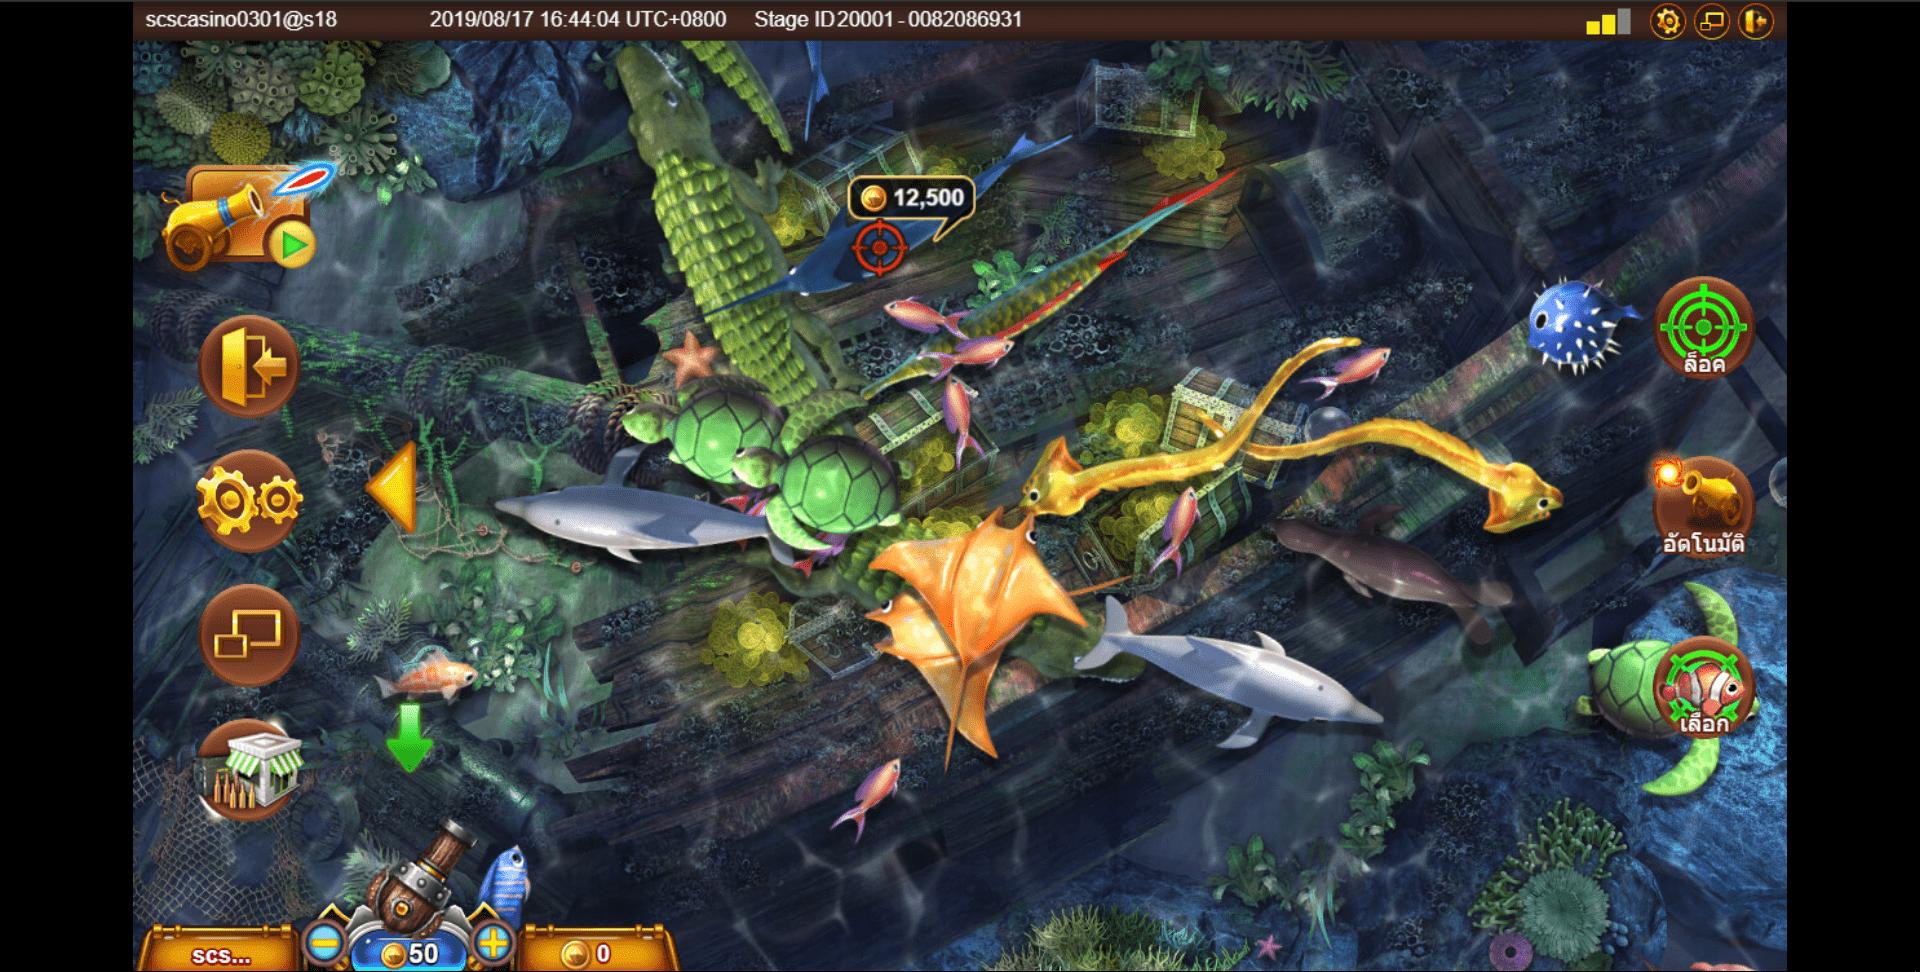 หน้าเกมส์ยิงปลา FISHERMEN GOLD sa gaming ระดับสูง